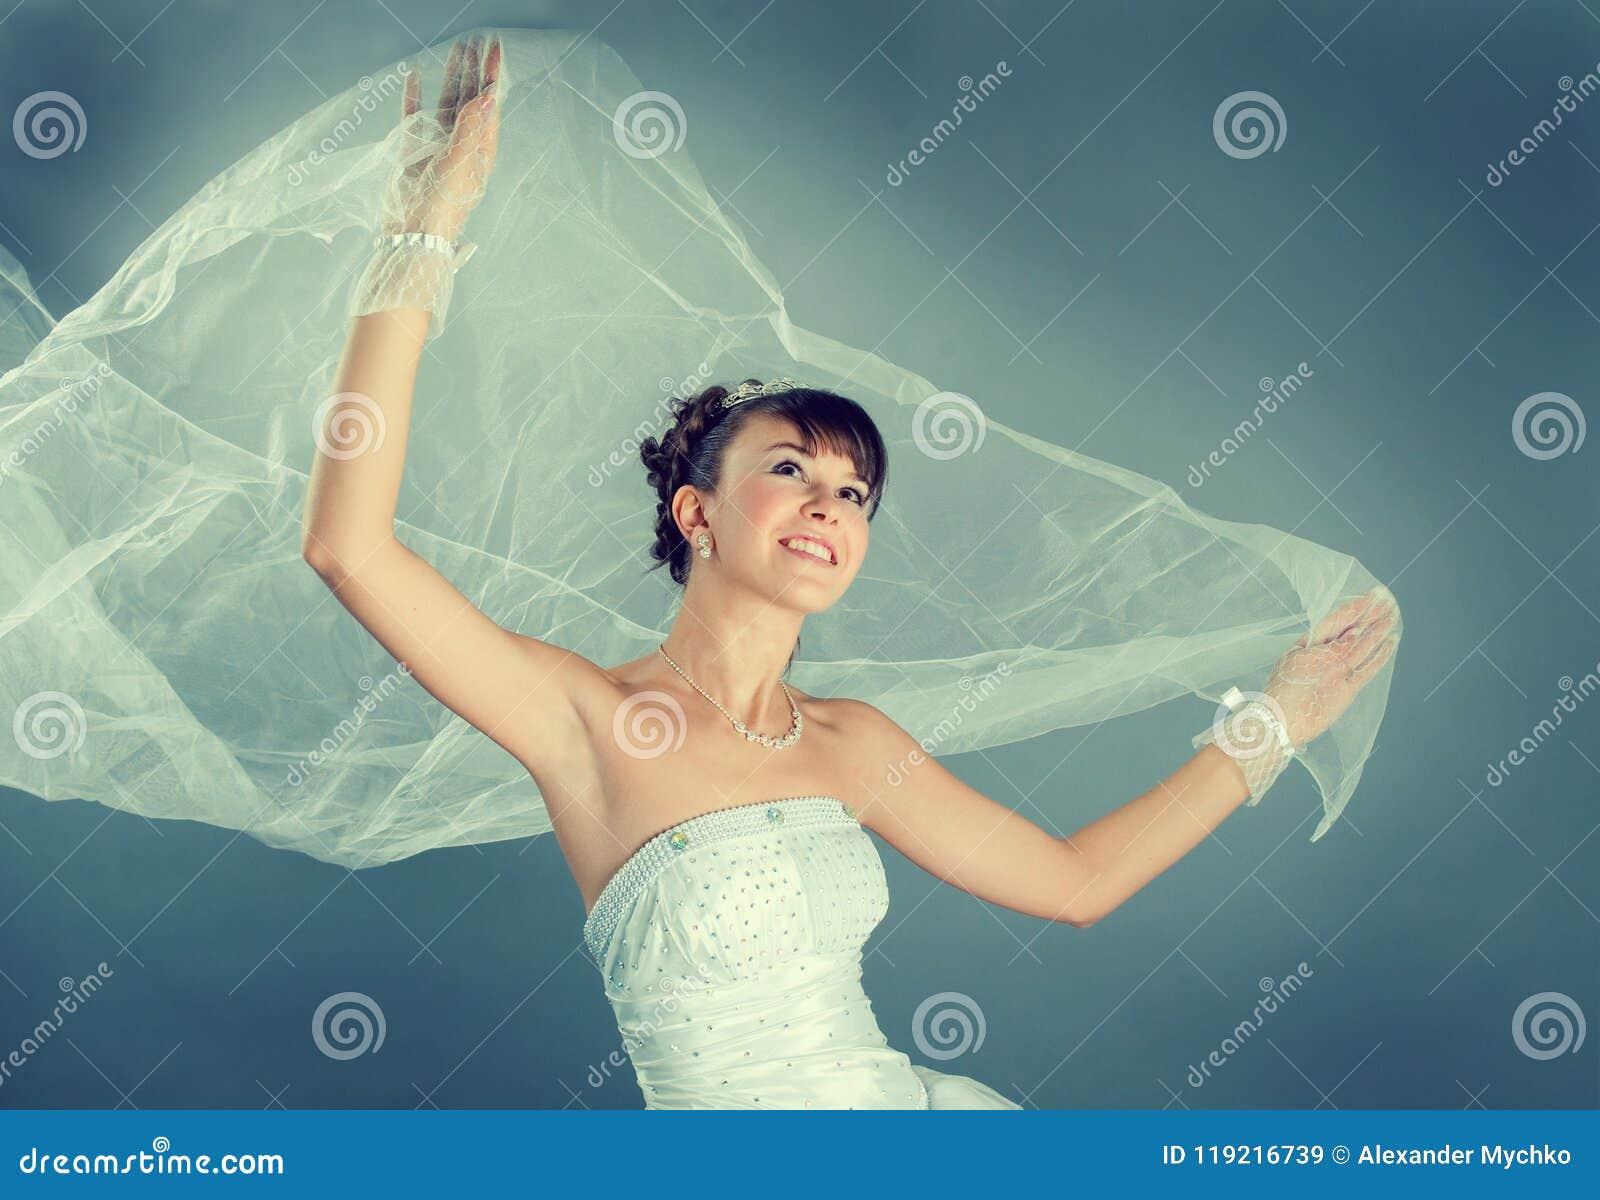 新娘礼服穿戴的高雅婚礼白色